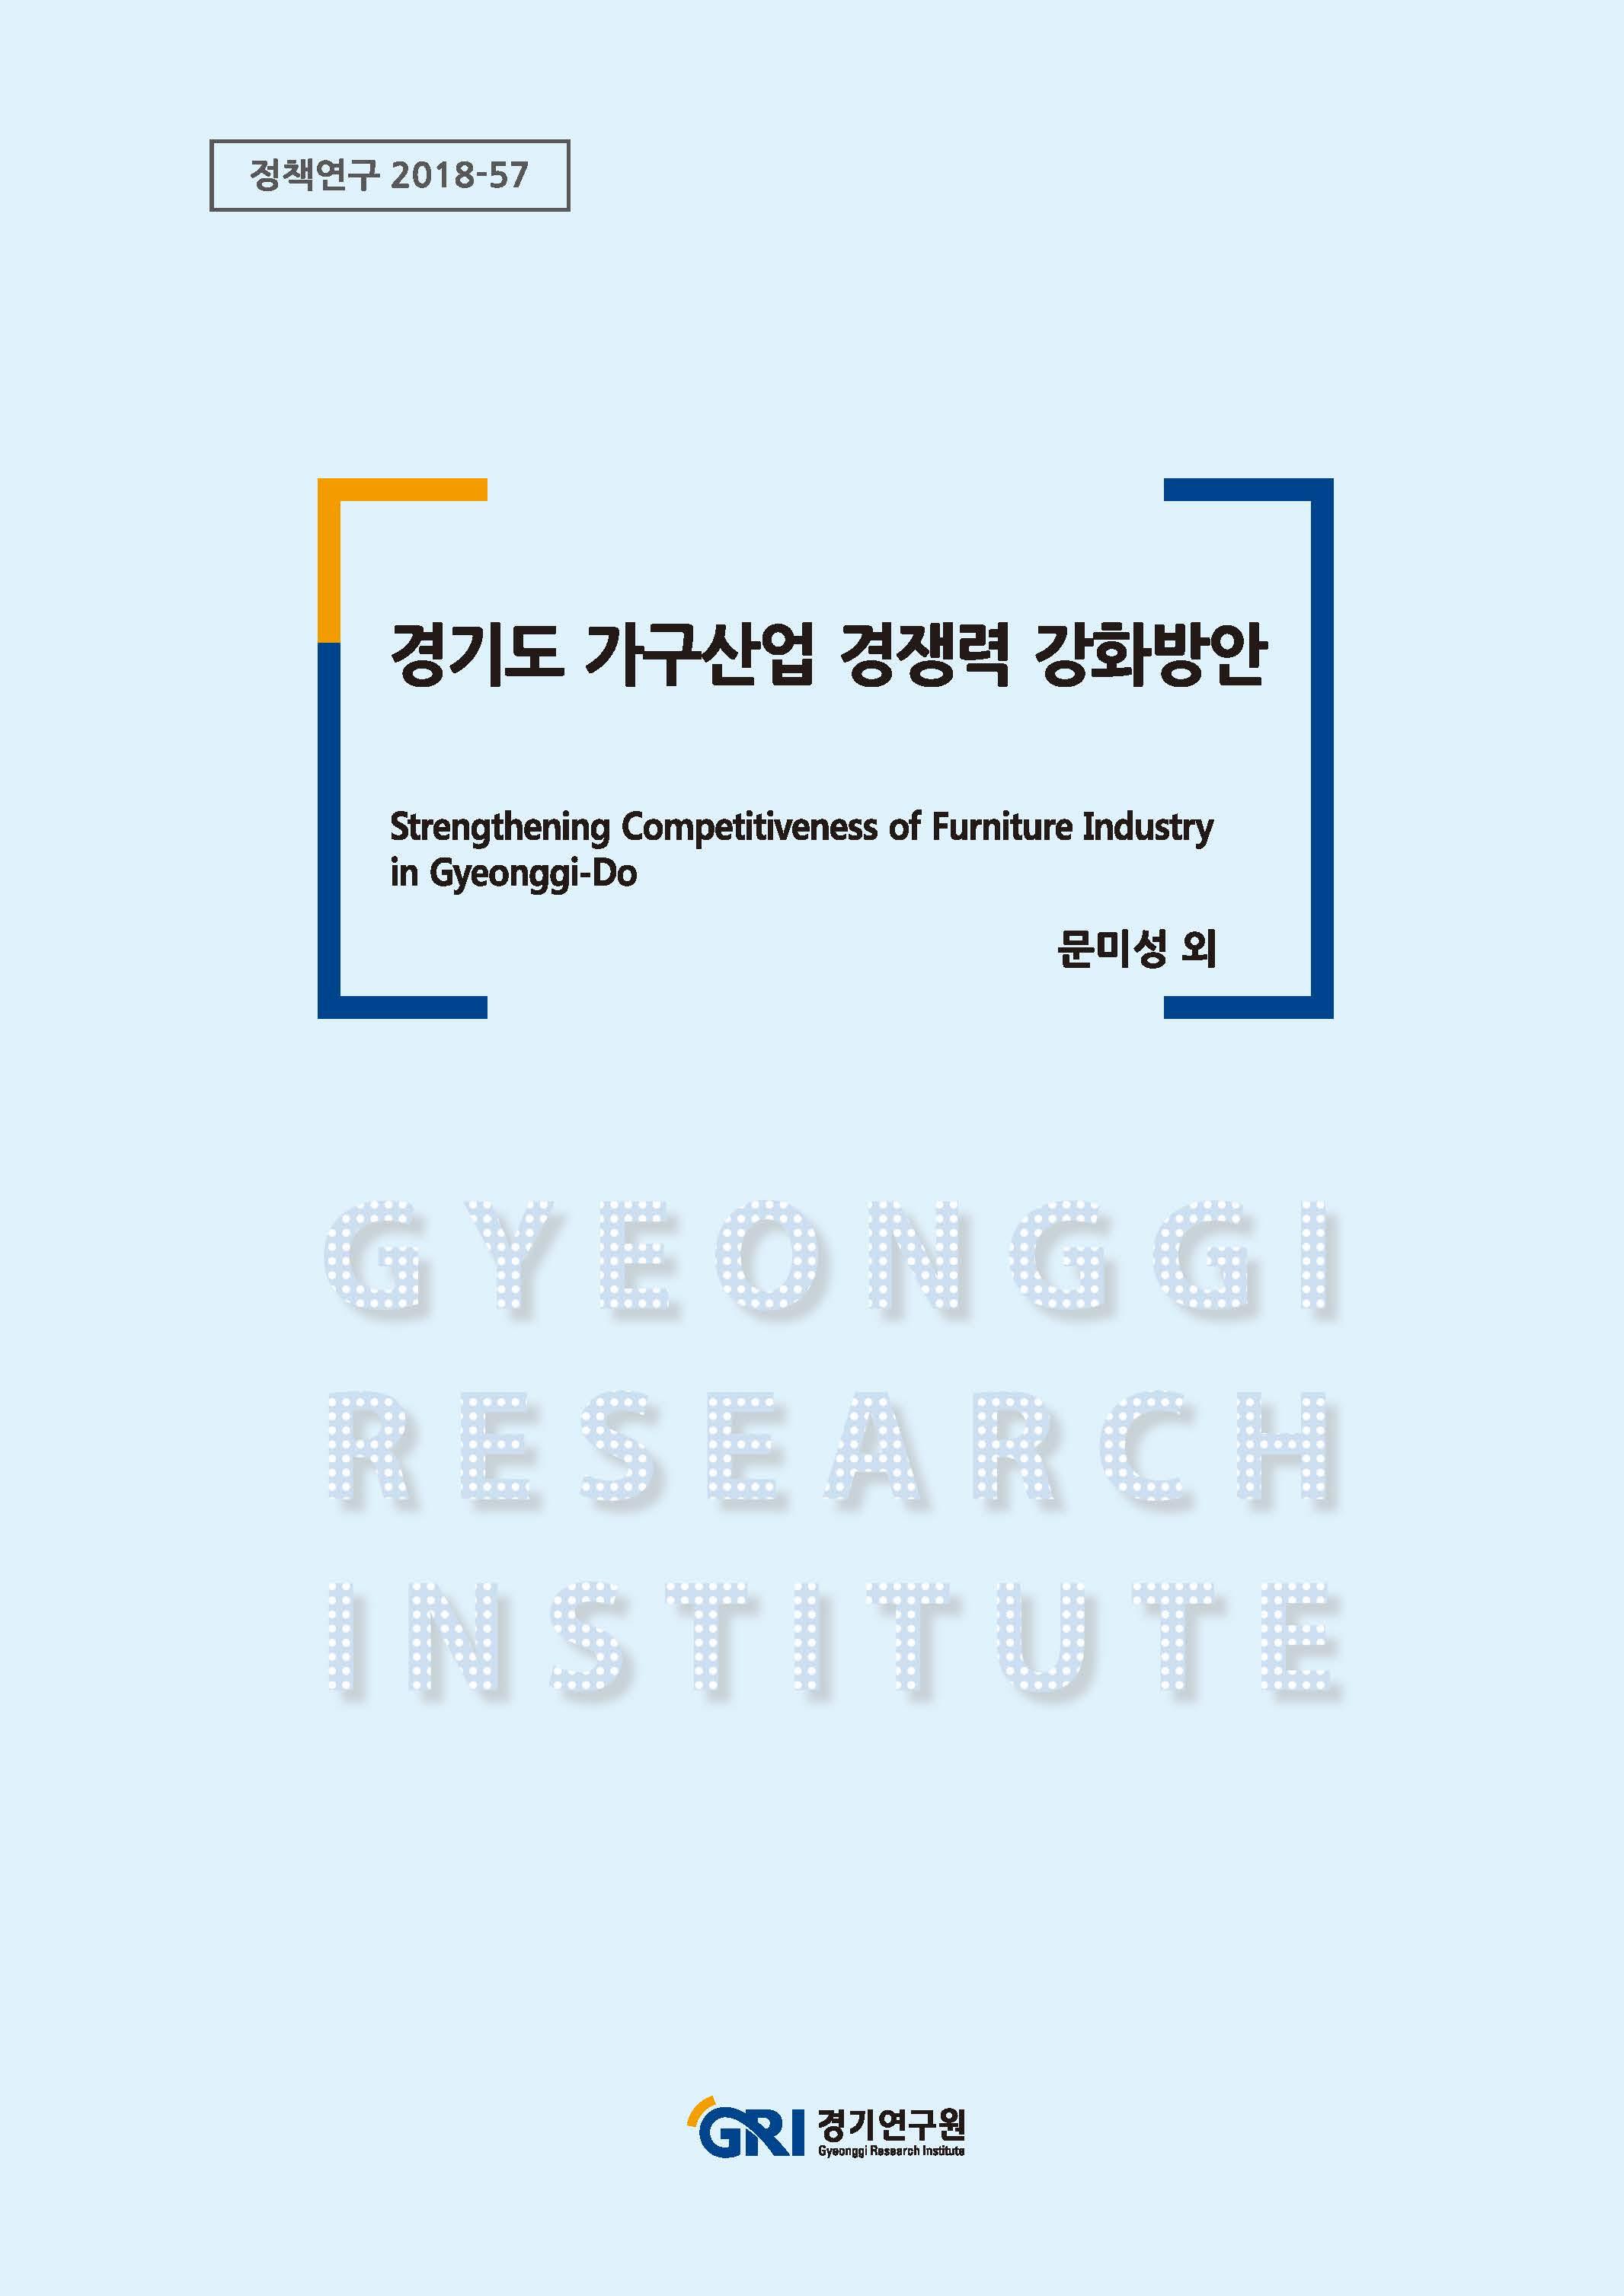 경기도 가구산업 경쟁력 강화방안